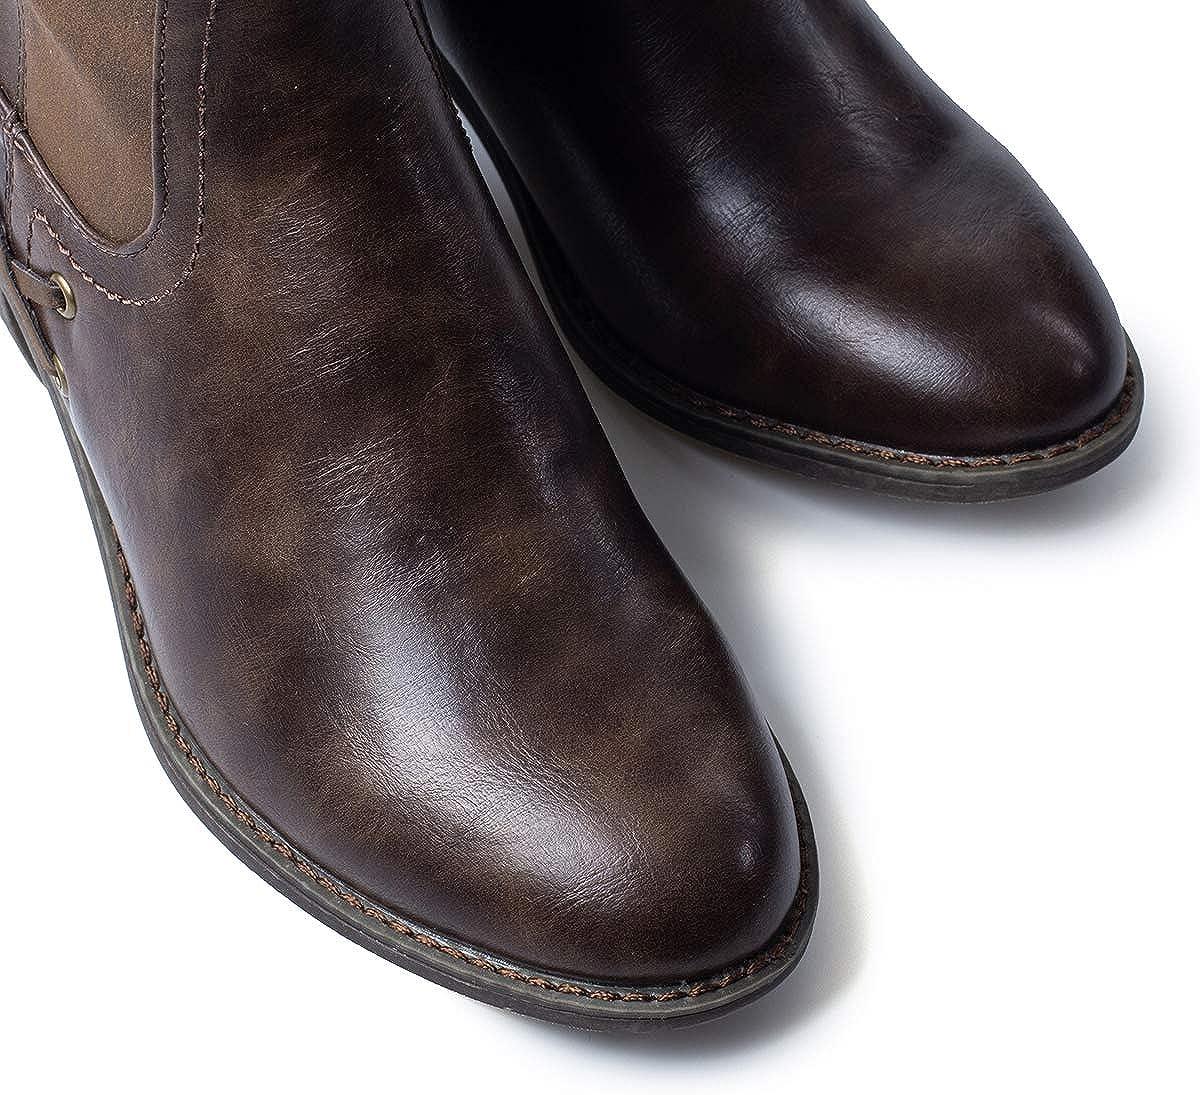 Camfosy Chaussures de Randonn/ée Hiver Femme Bottes de Neige Imperm/éable Apr/ès Ski Baskets Fourrure en Su/ède Bottines Fourr/ées Boots Apr/ès Ski pour Filles Marche Nordique